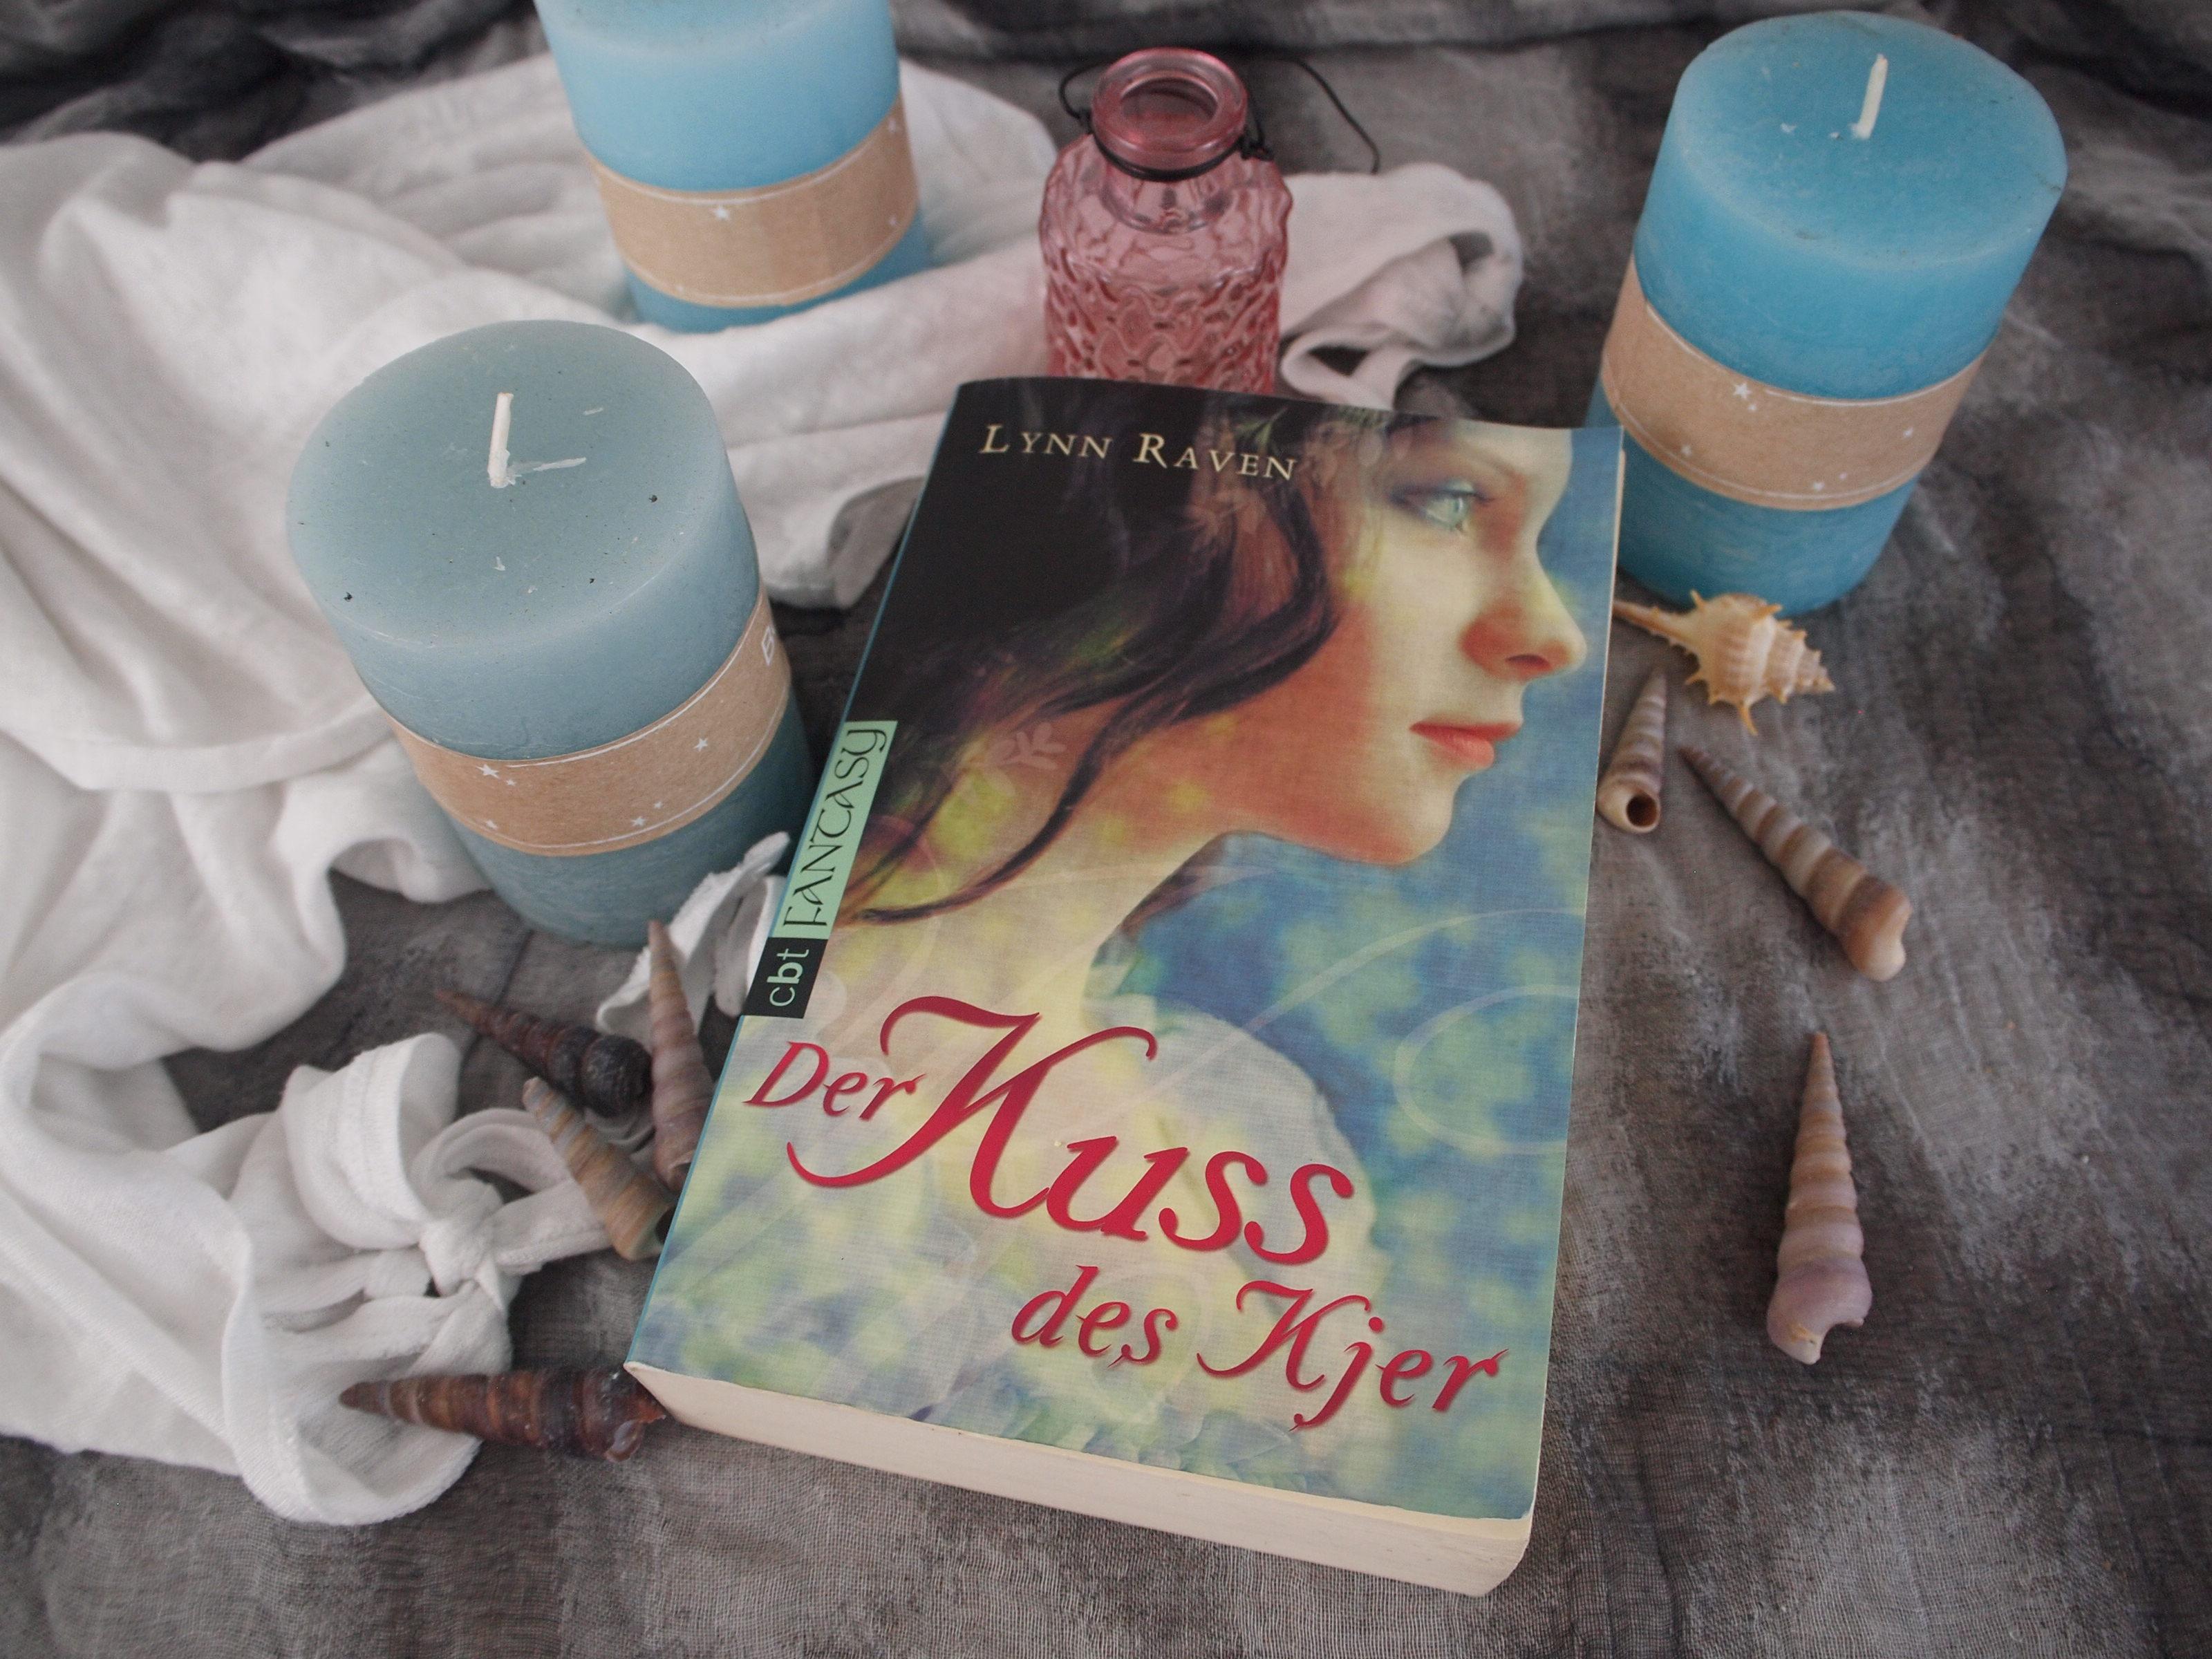 Lynn Raven - Der Kuss des Kjer